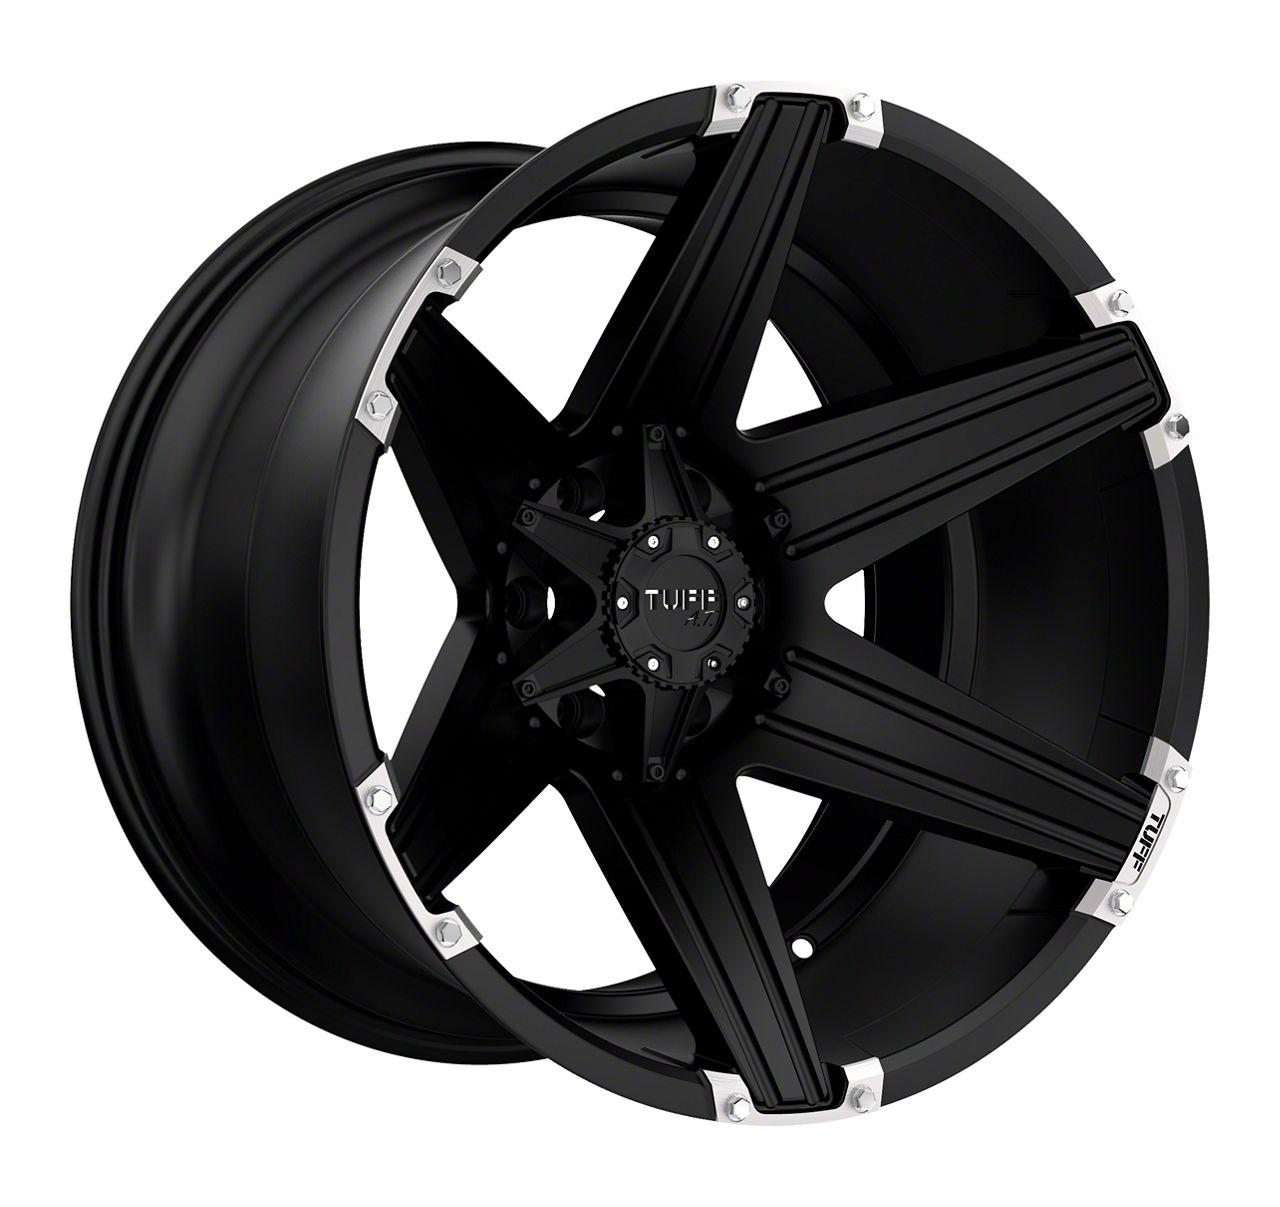 Tuff A.T. T12 Satin Black w/ Brushed Inserts 5-Lug Wheel - 26x12 (97-03 F-150)